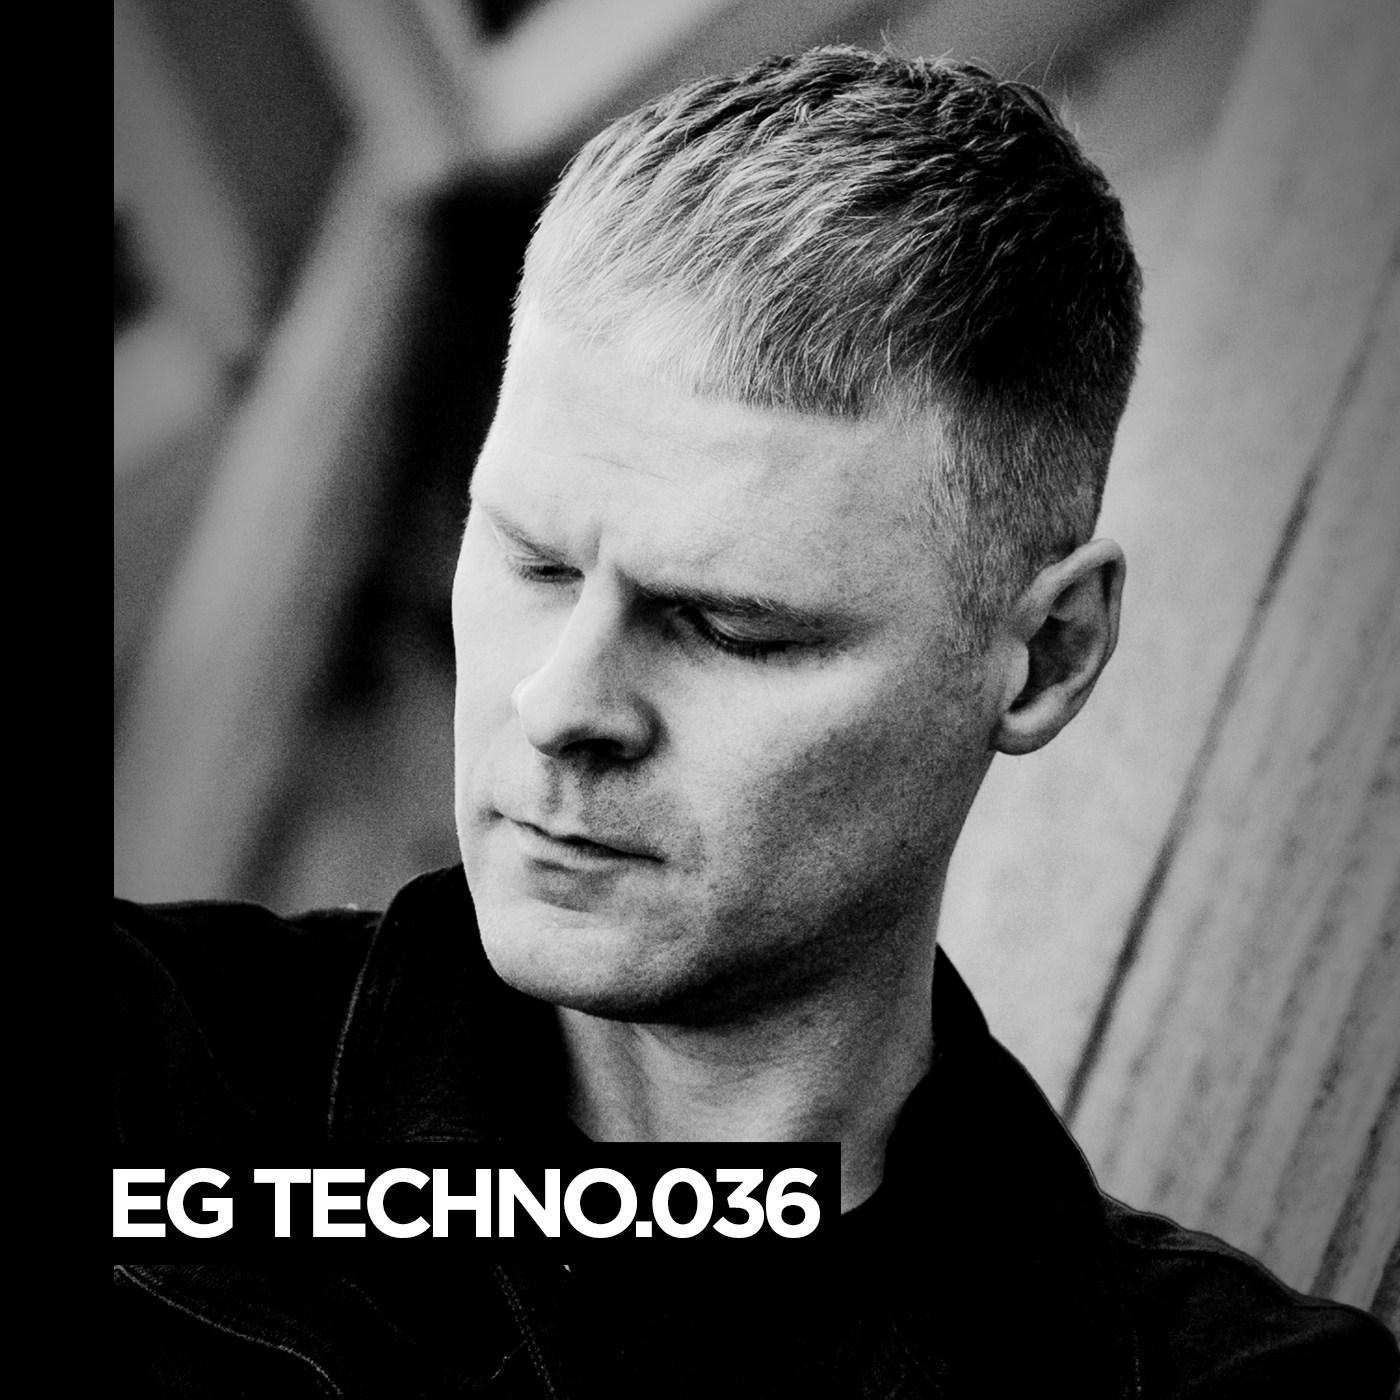 EG-TECHNO-036-Gregor-Tresher